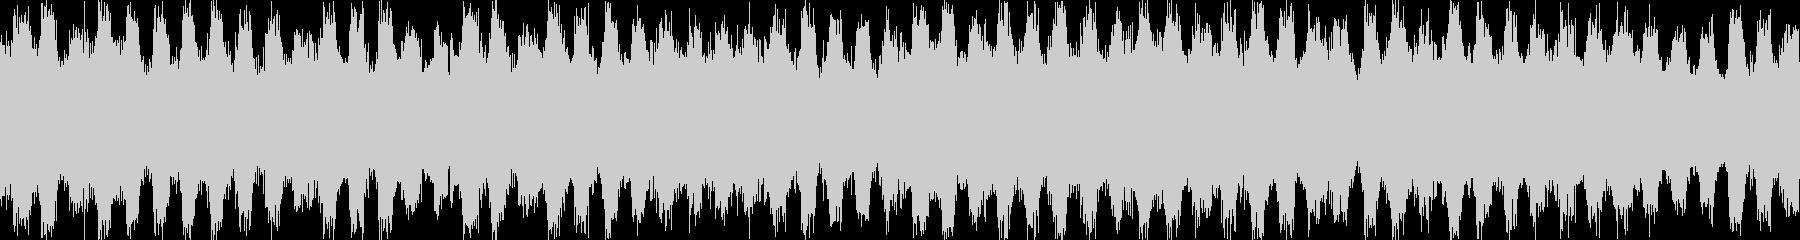 ジャジーなピアノおしゃれポップループbの未再生の波形